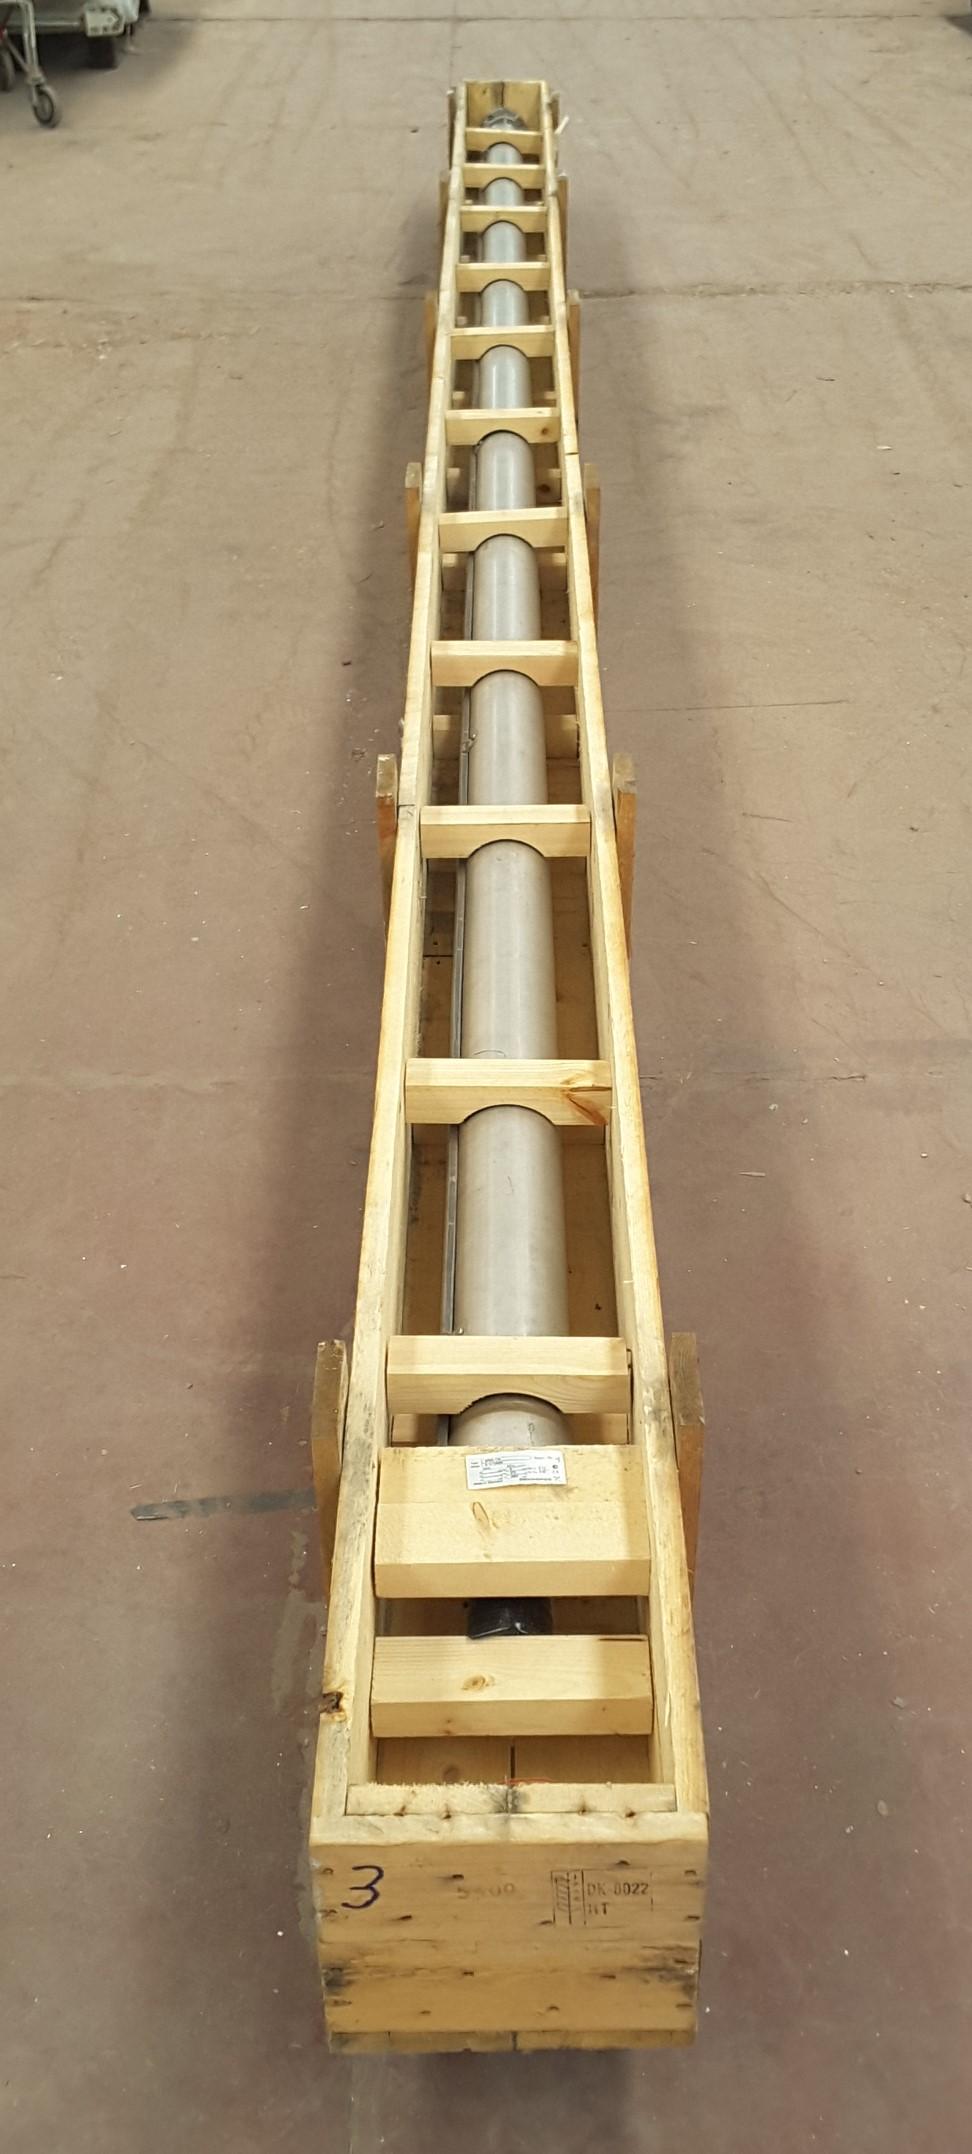 Pompa sommersa per pozzi - Grundfos in vendita - foto 1